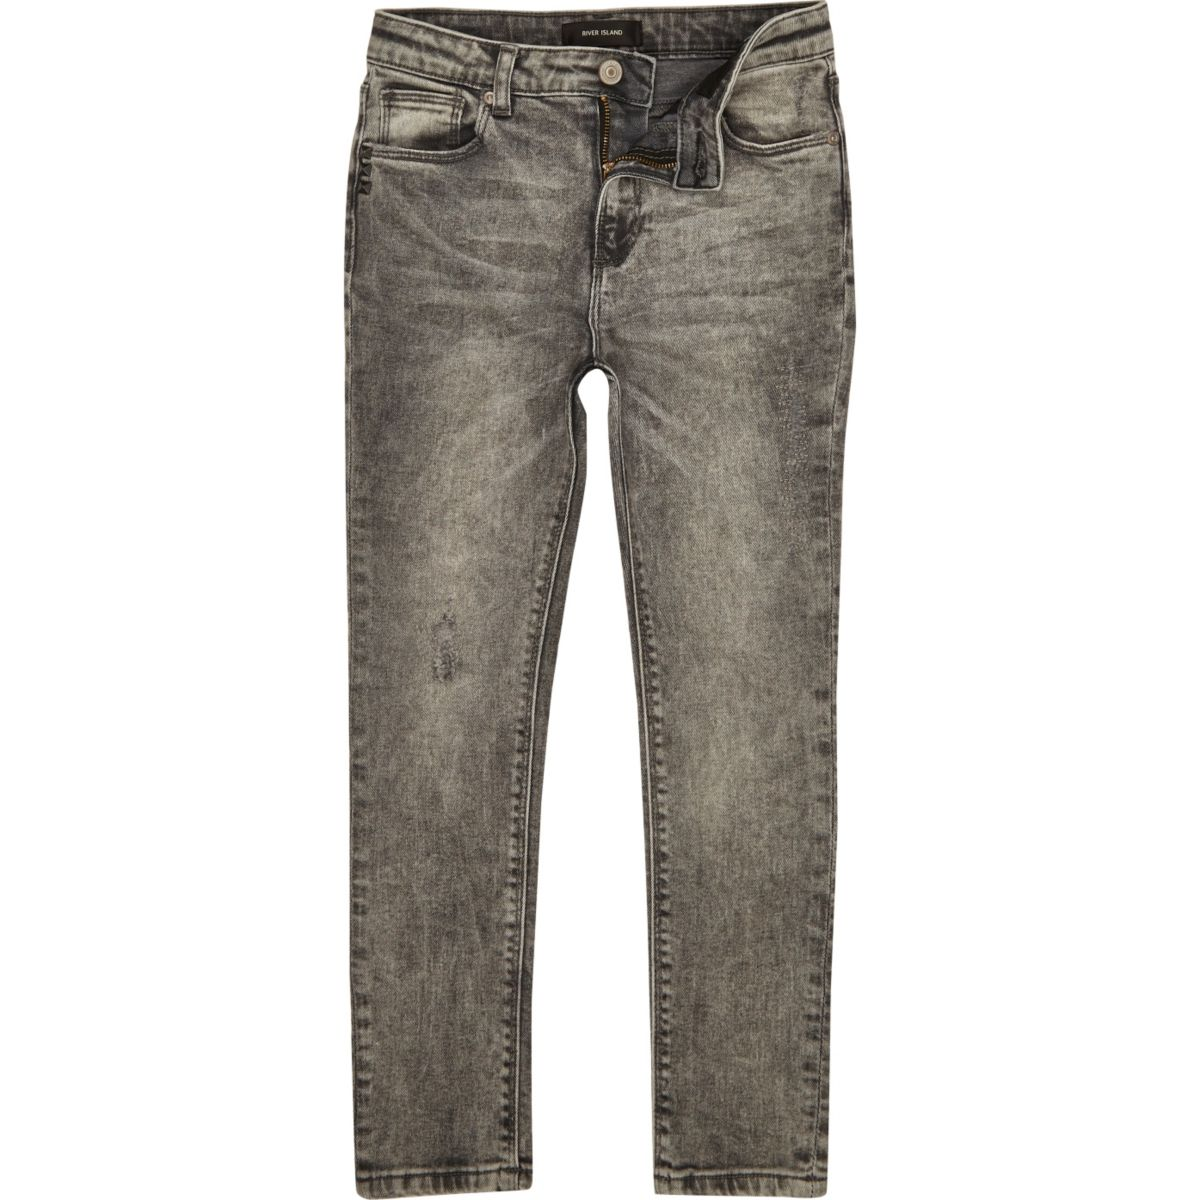 Boys grey washed Sid skinny jeans